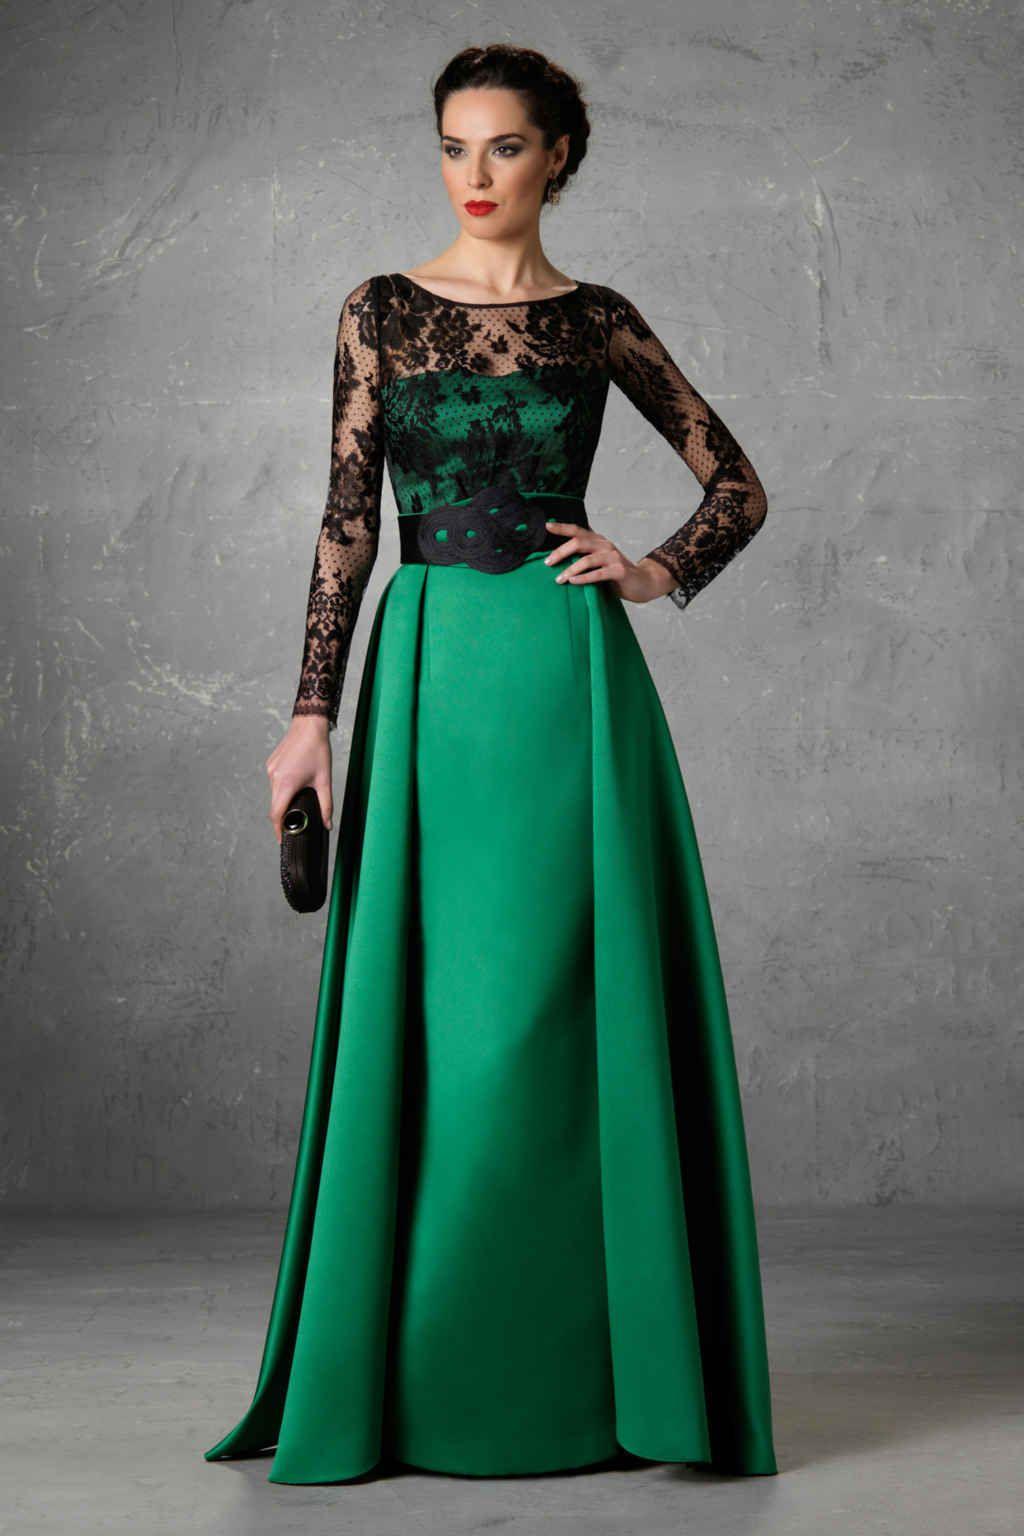 0a734a048 Vestidos de madrina y fiesta con unos acabados y calidad excelente. Llevar  vestidos de madrina Esthefan hace que sea una verdadera exclusividad.